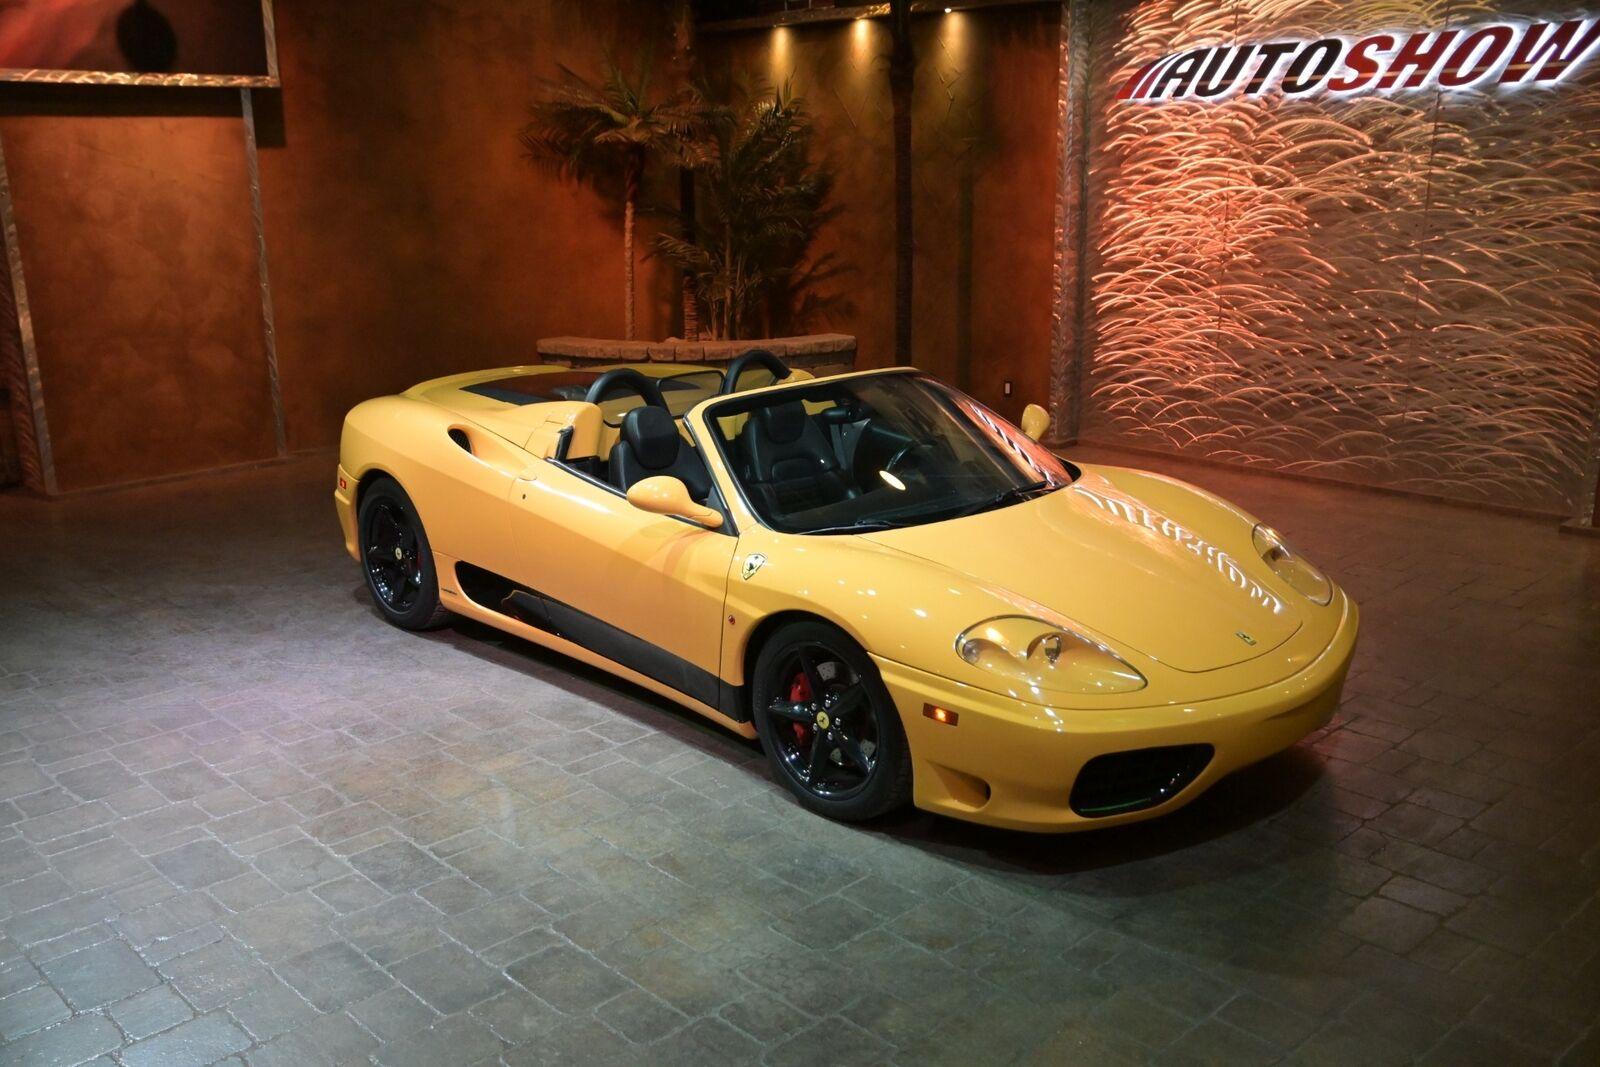 2002 Ferrari 360 Spider - Exotic Low Mileage, Capristo Exhaust, Bab